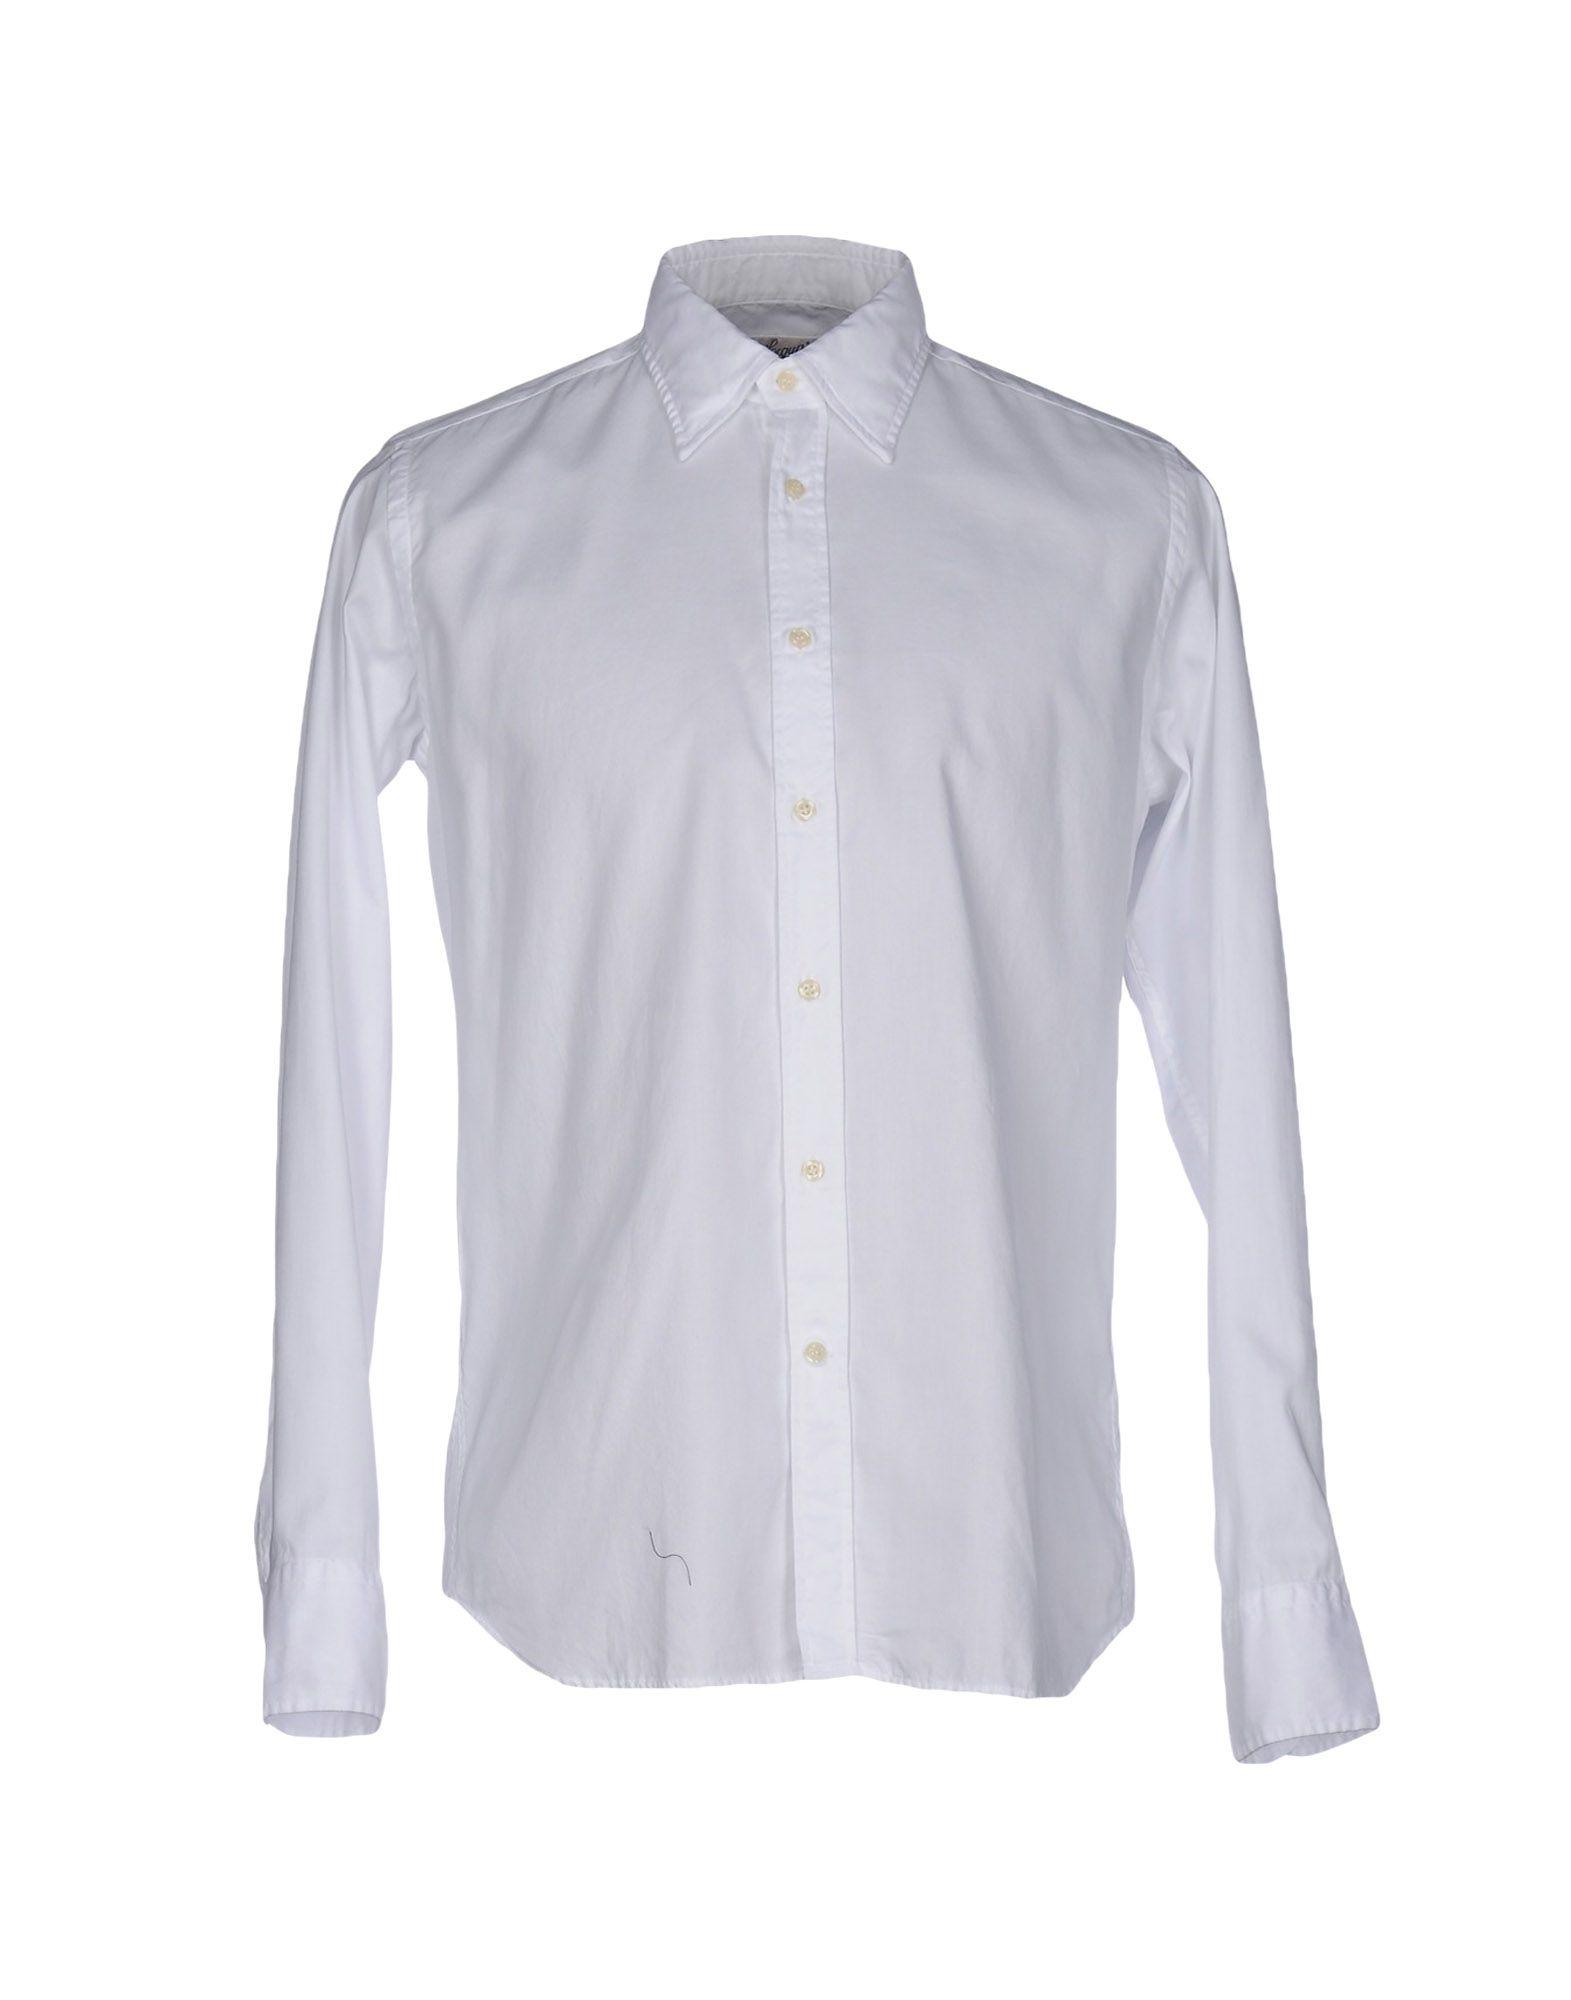 купить BEVILACQUA Джинсовая рубашка по цене 5750 рублей